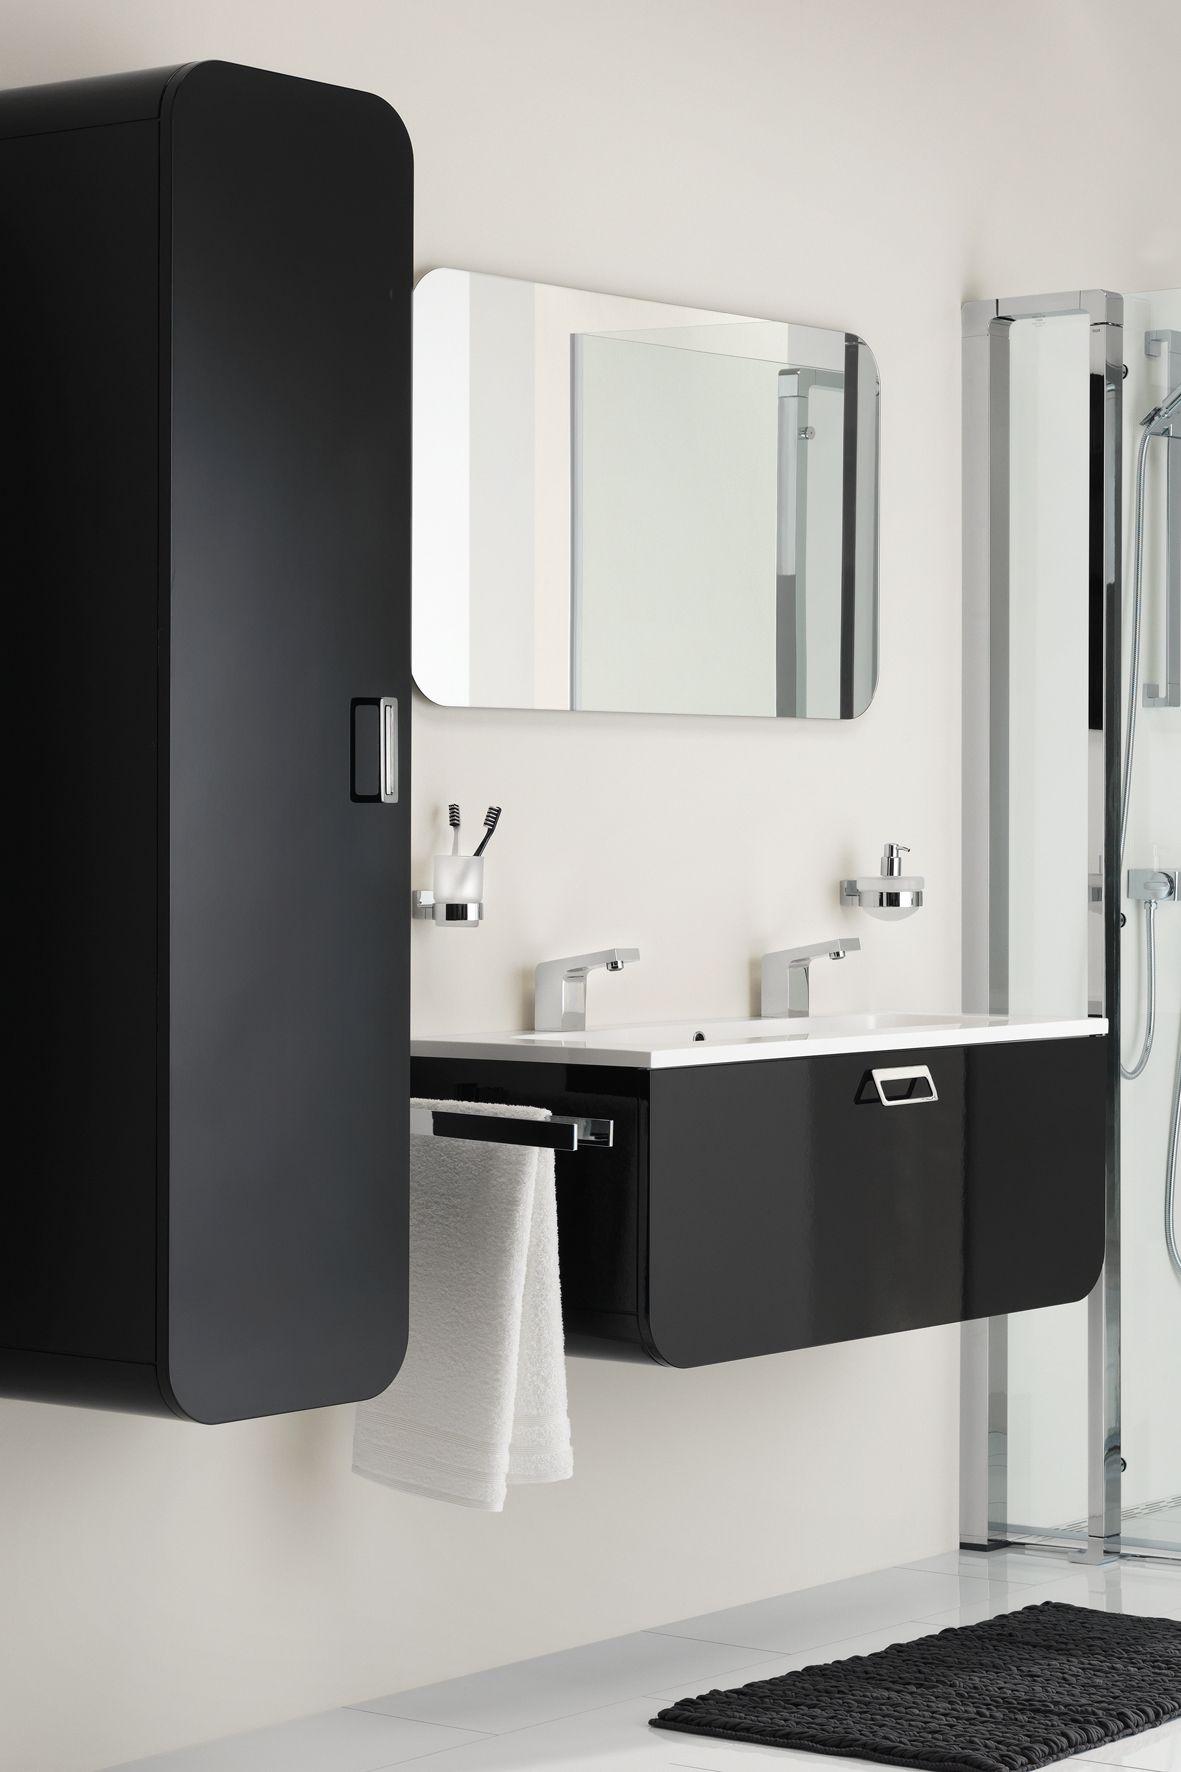 Tiger tario badkamermeubel 105cm hoogglans zwart met spiegel